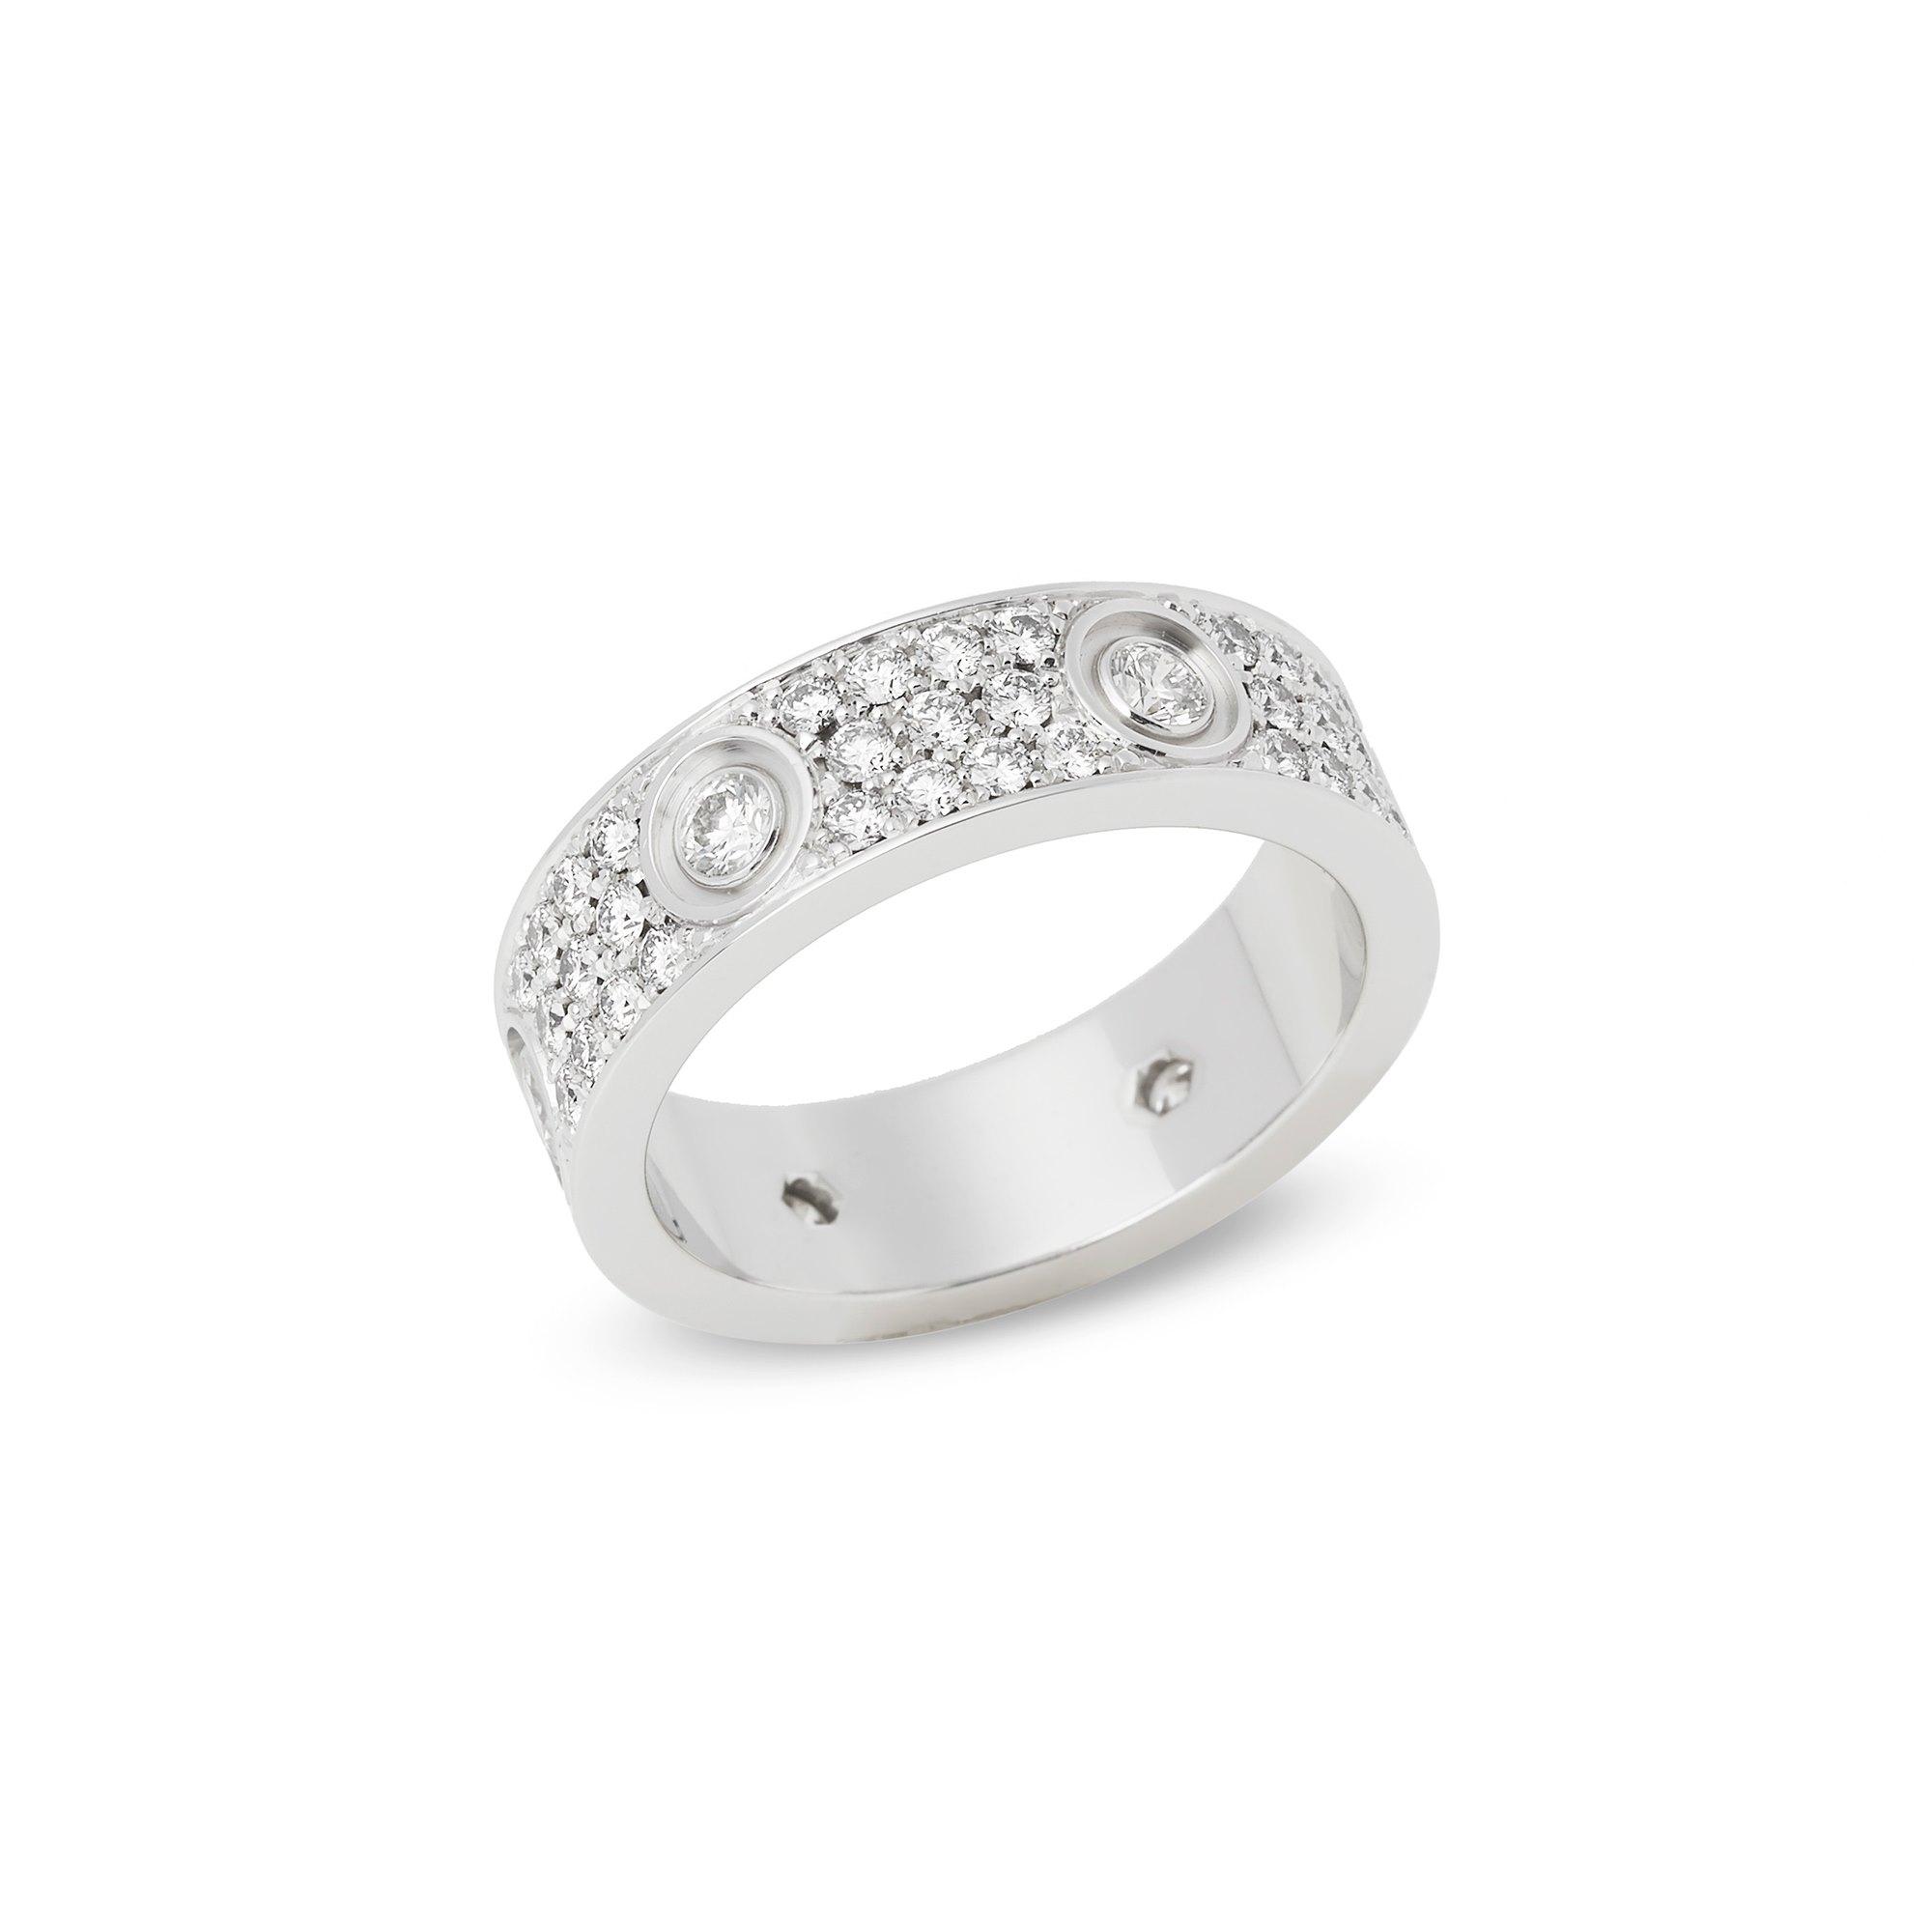 Cartier 18k White Gold Full Diamond Love Ring